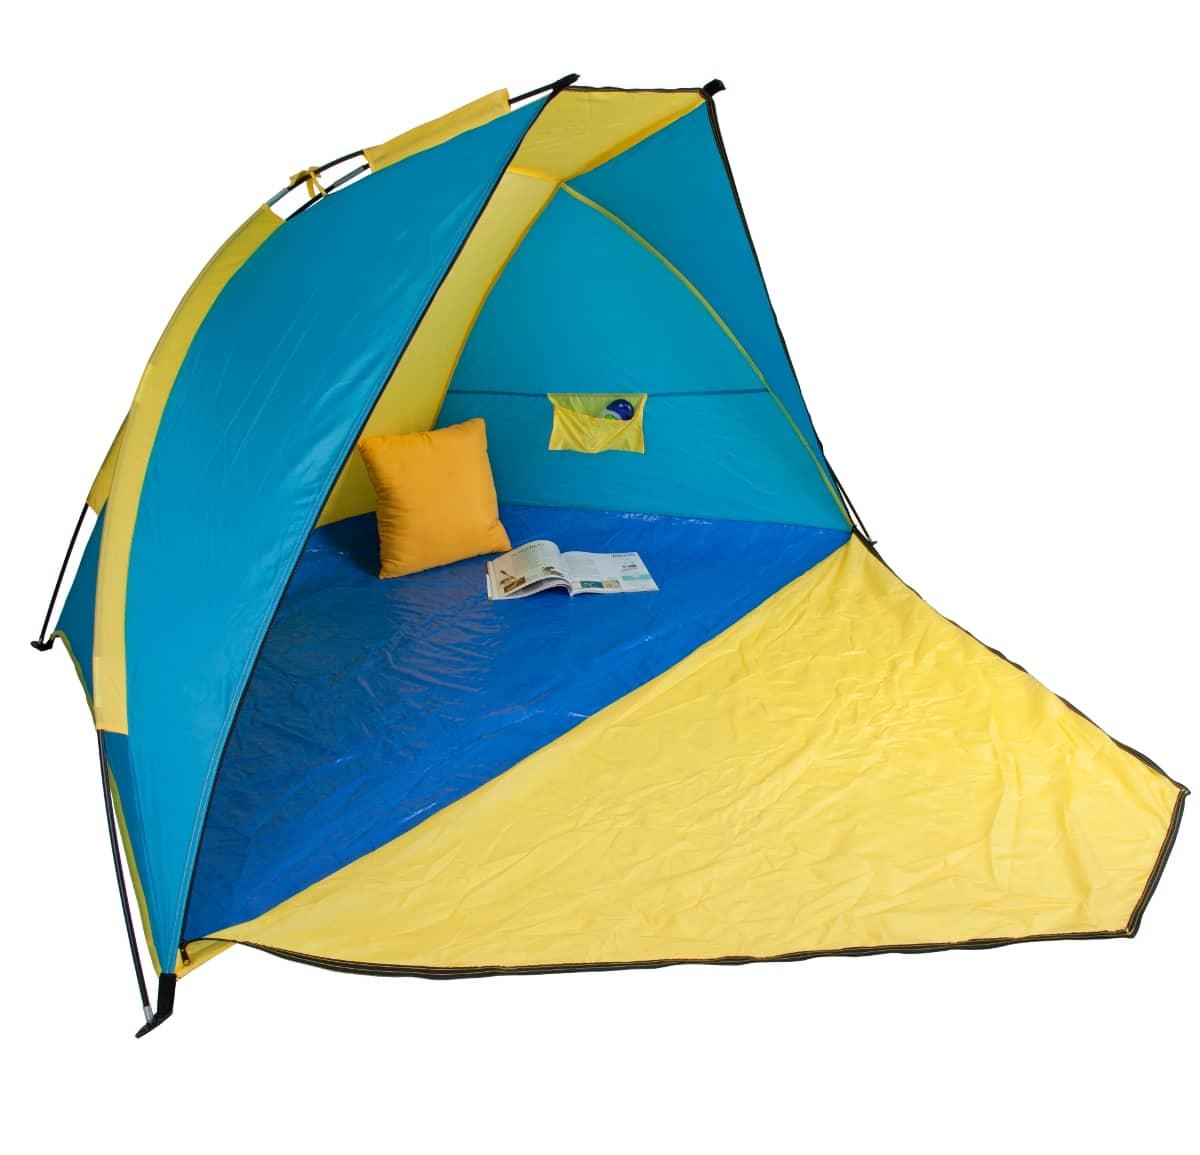 besttoy strandmuschel blau gelb kaufen. Black Bedroom Furniture Sets. Home Design Ideas